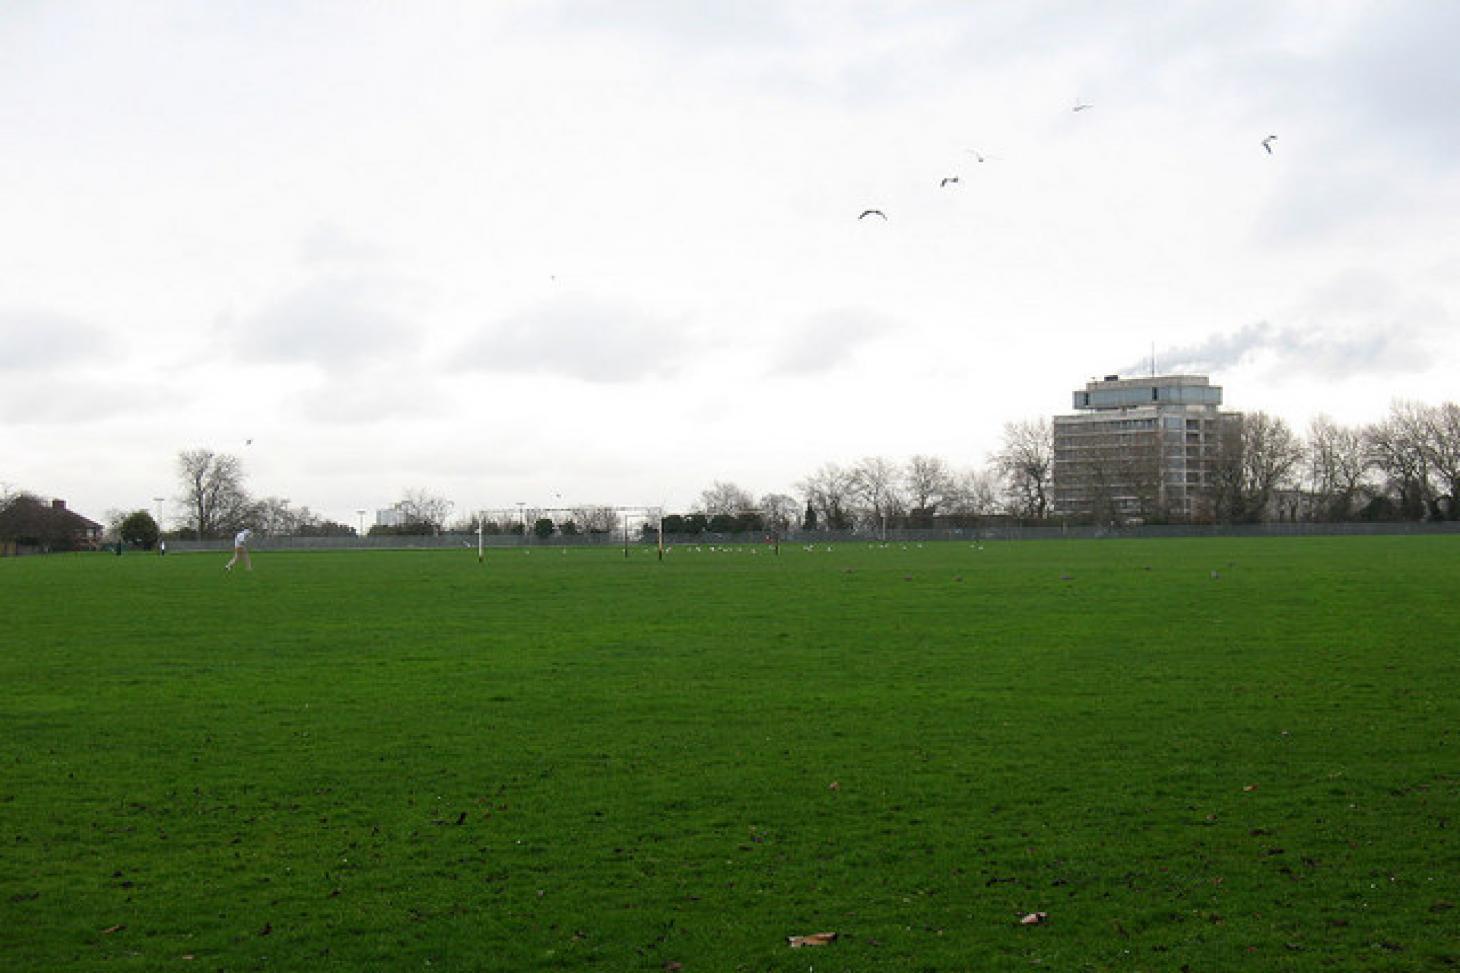 Hornfair Park 11 a side | Grass football pitch